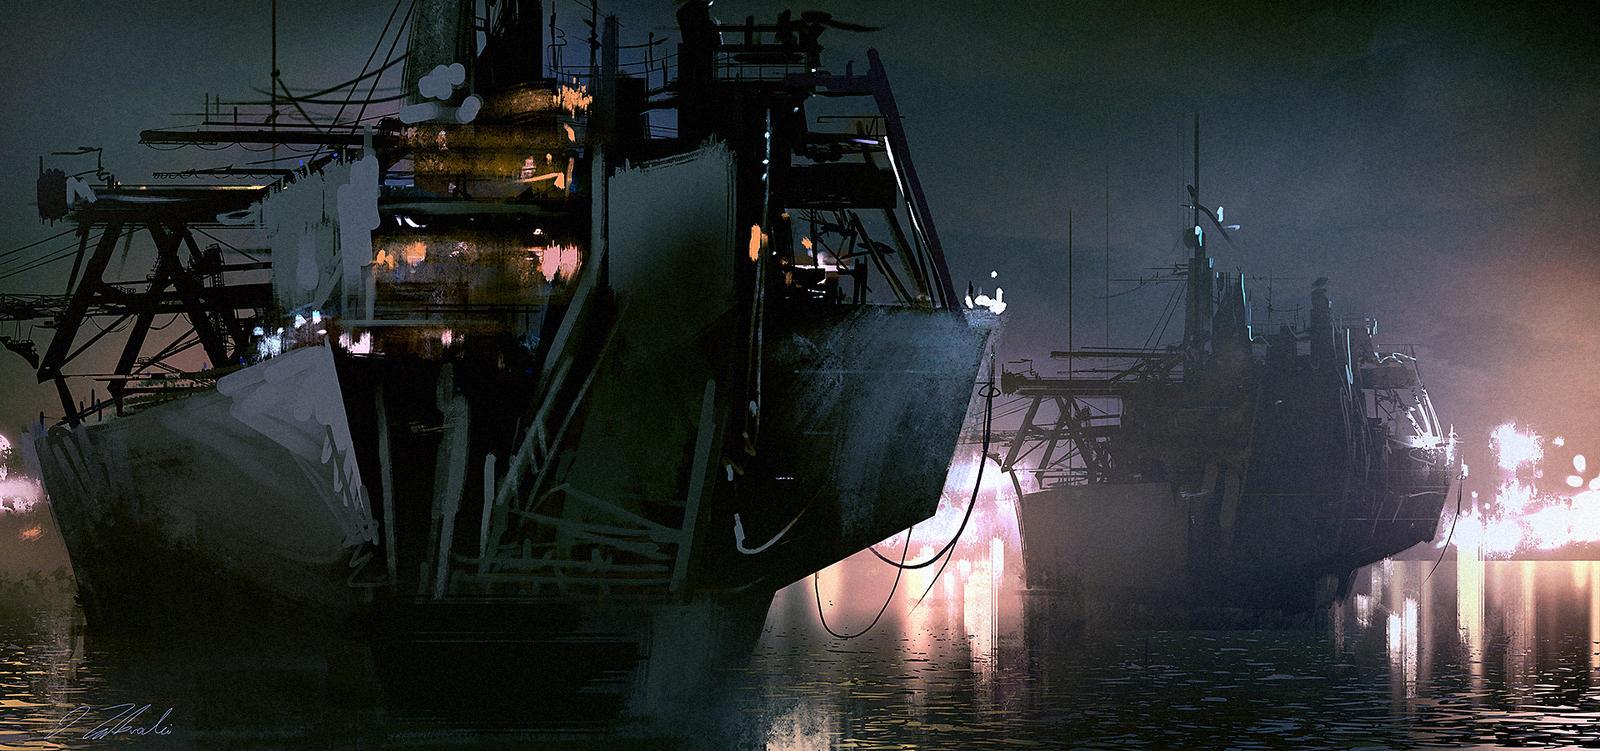 Cargo Ship by daRoz